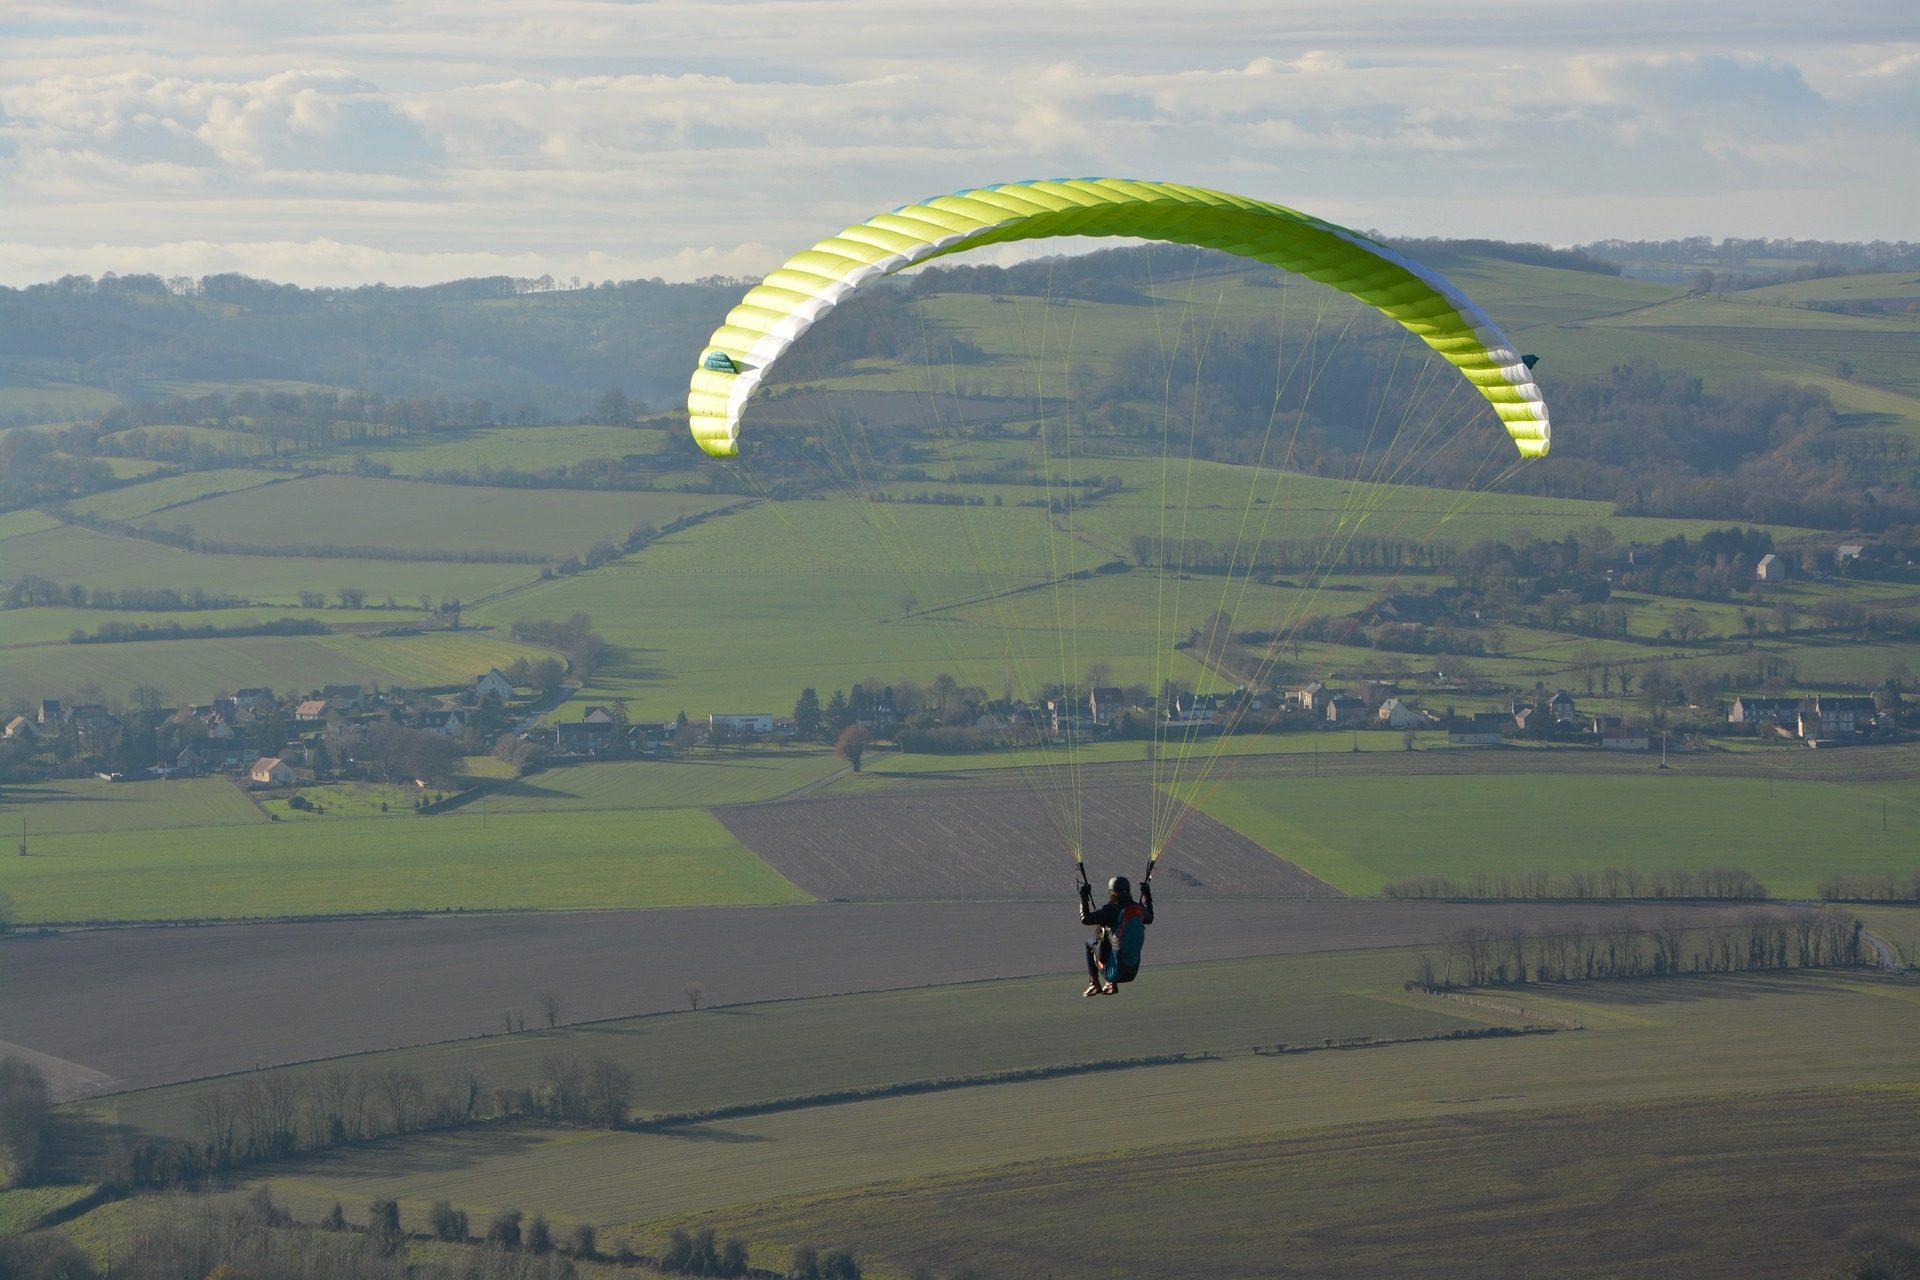 الطيران الشراعي, رحلة, مجاناً, الارتفاع, المخاطر - خلفيات عالية الدقة - أستاذ falken.com